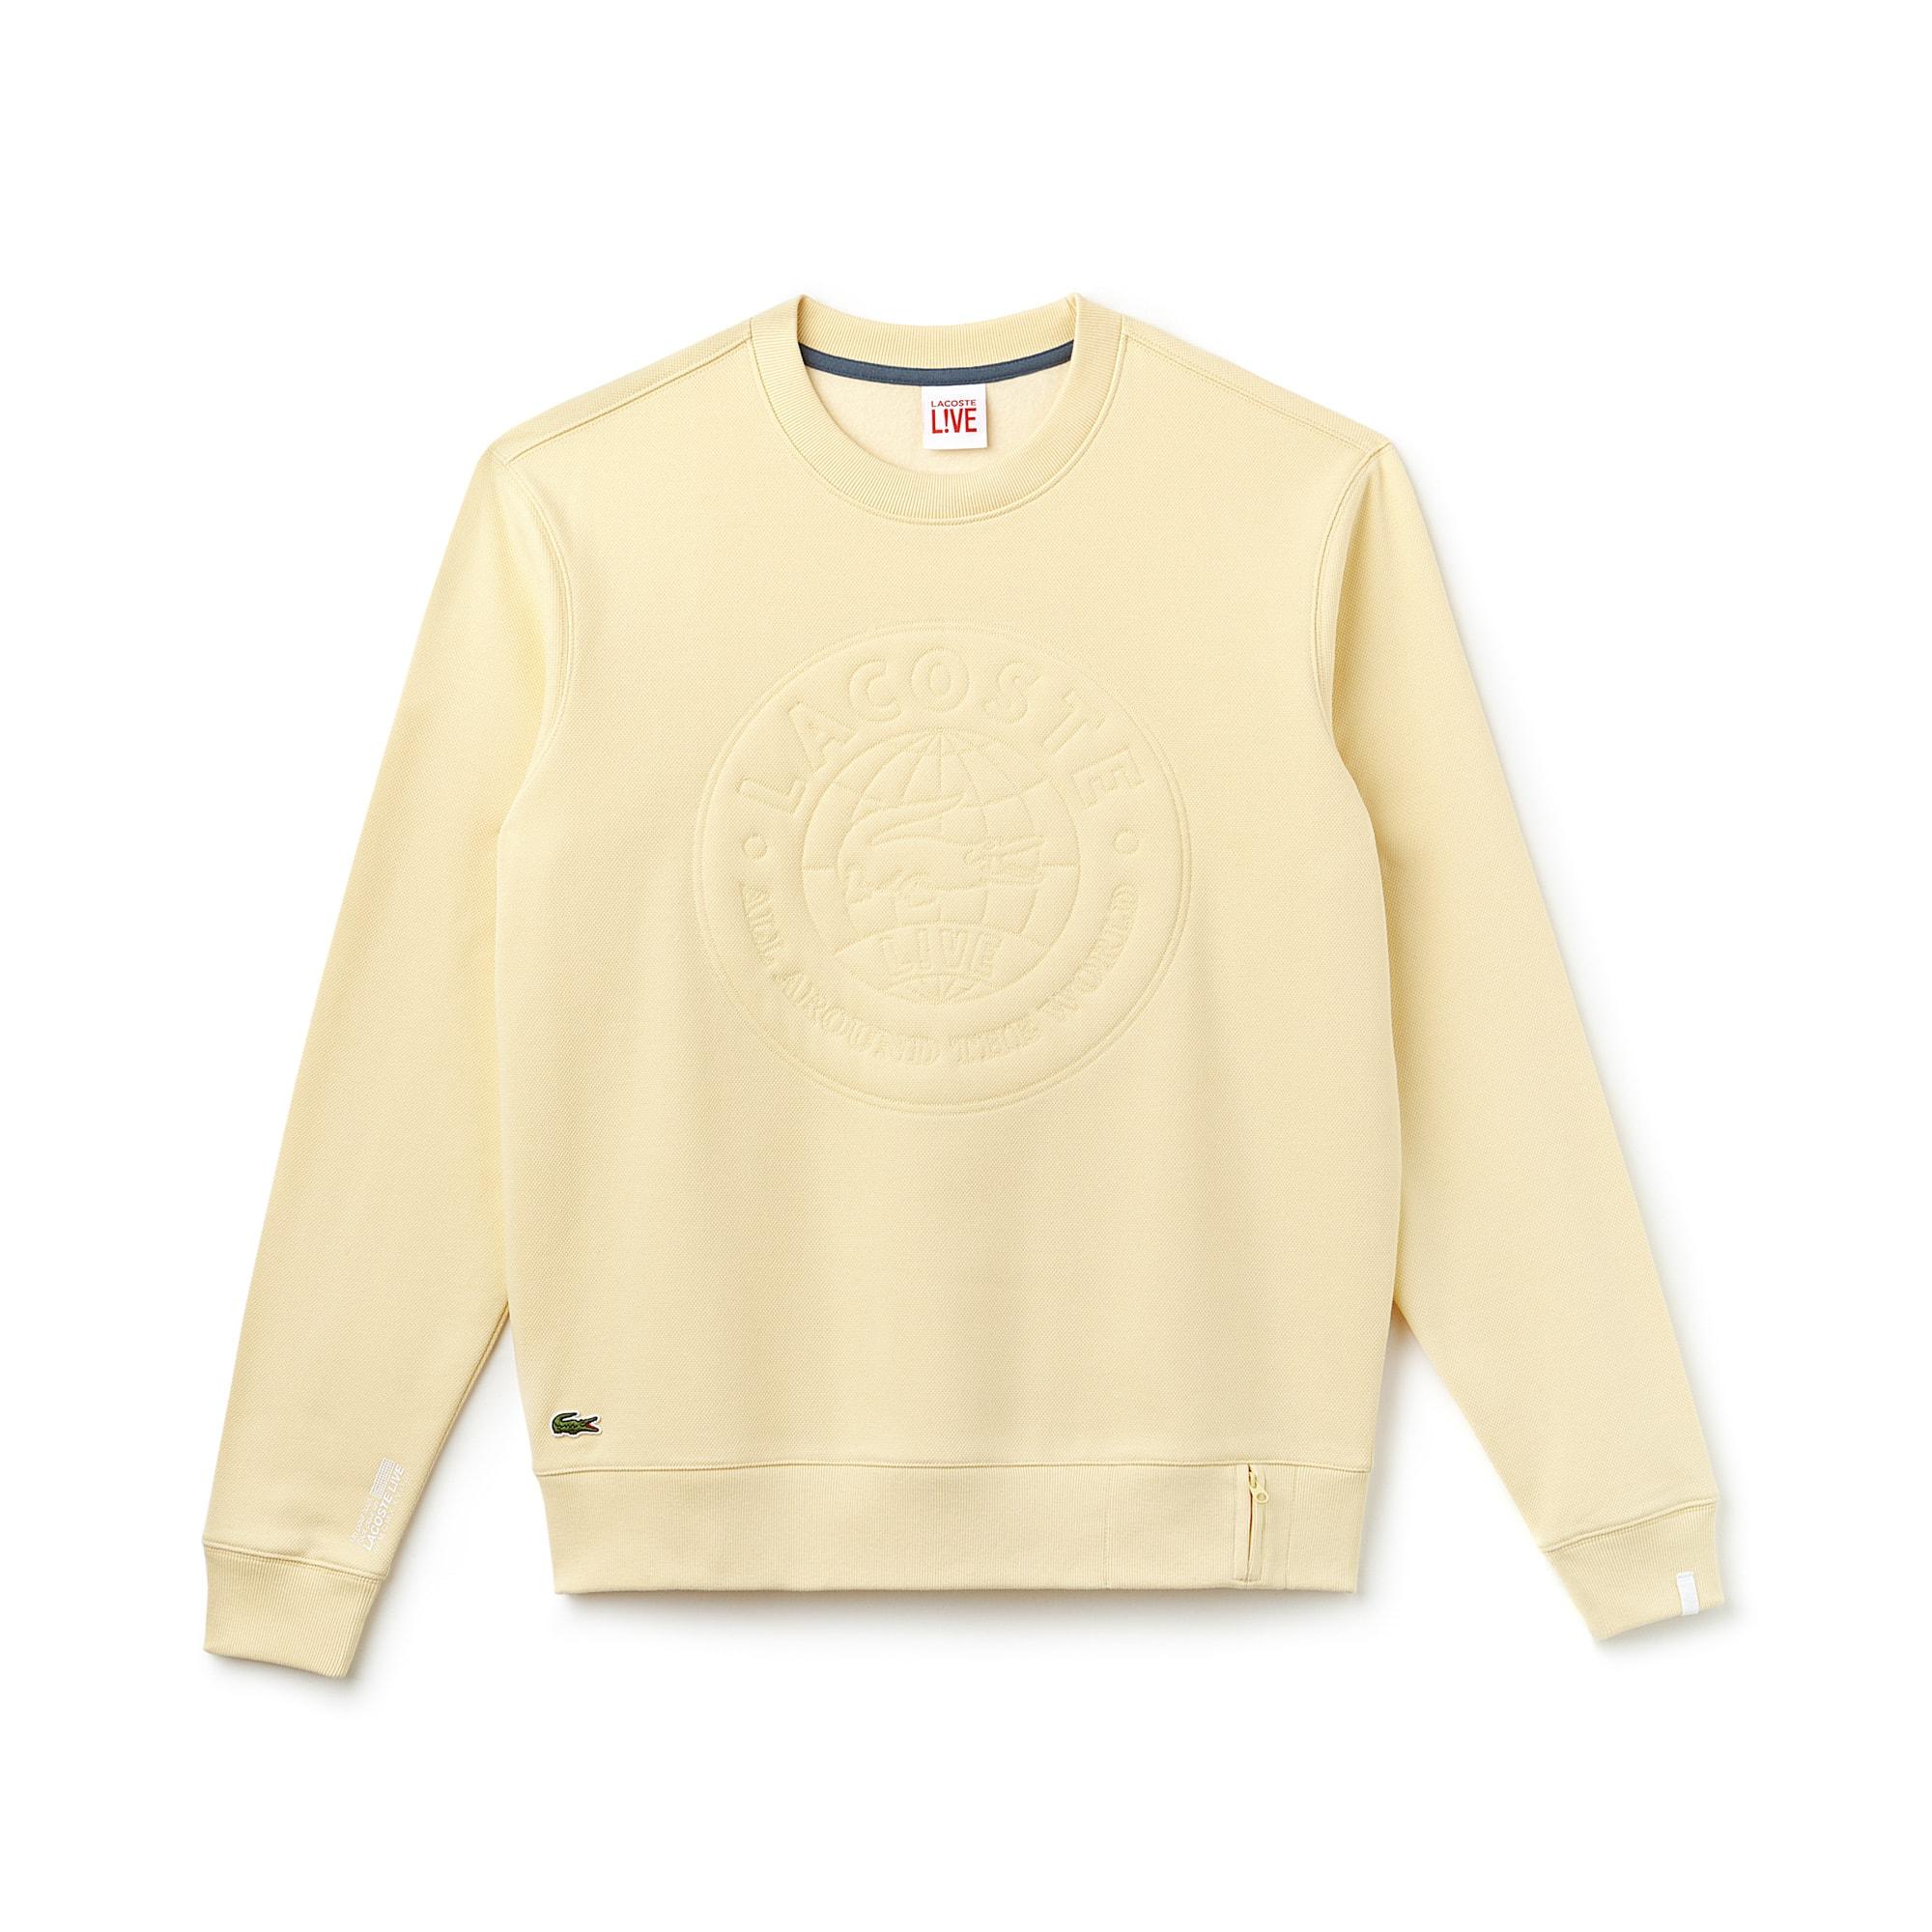 Sweatshirt unisexe Lacoste LIVE en coton avec marquage logo